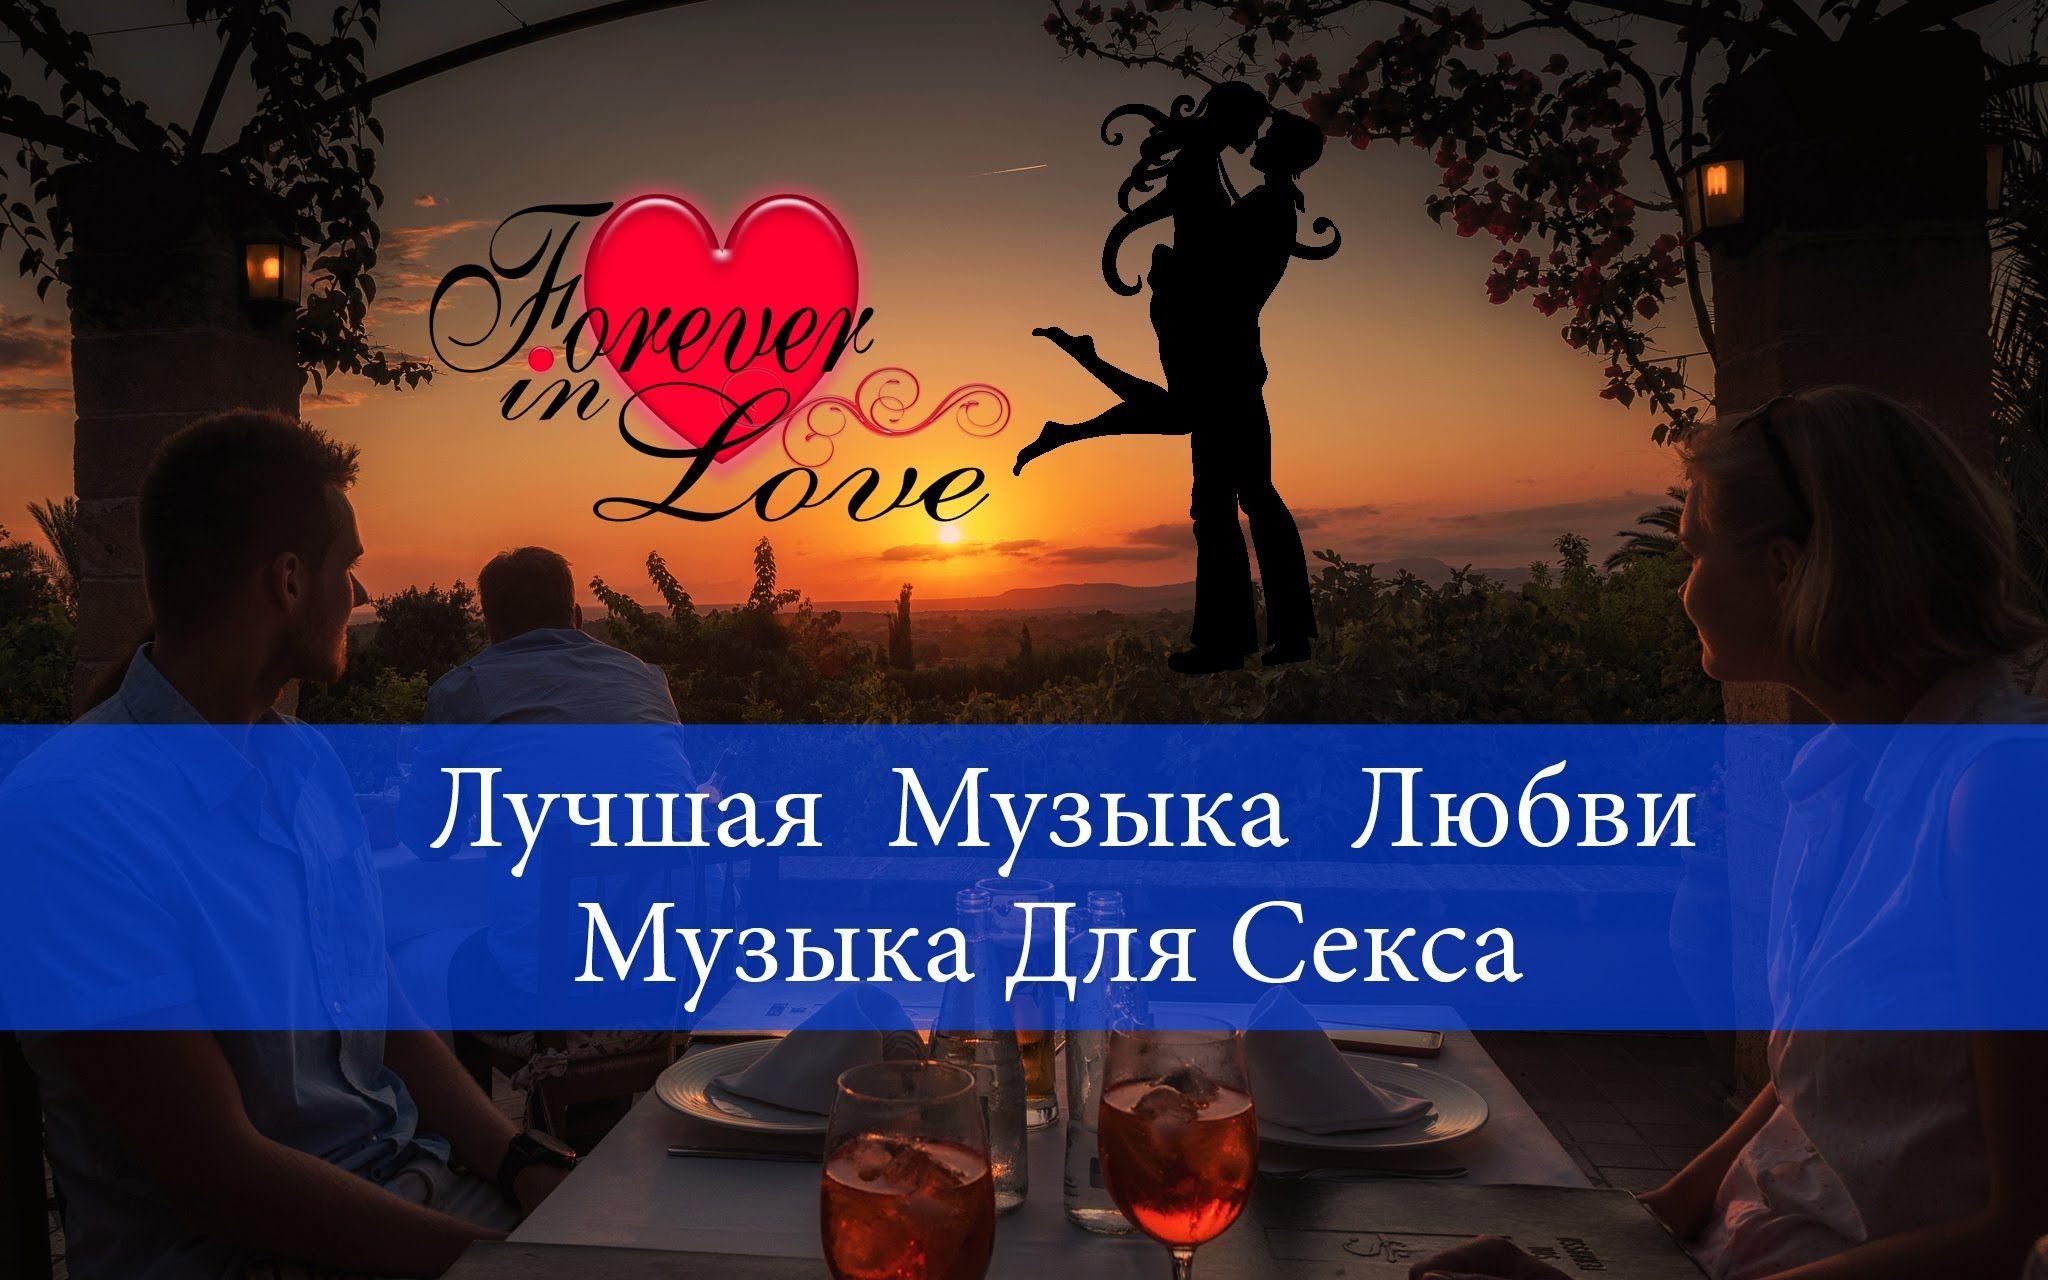 kak-romanticheskoe-video-zanyatiya-lyubovyu-chtobi-zatrahali